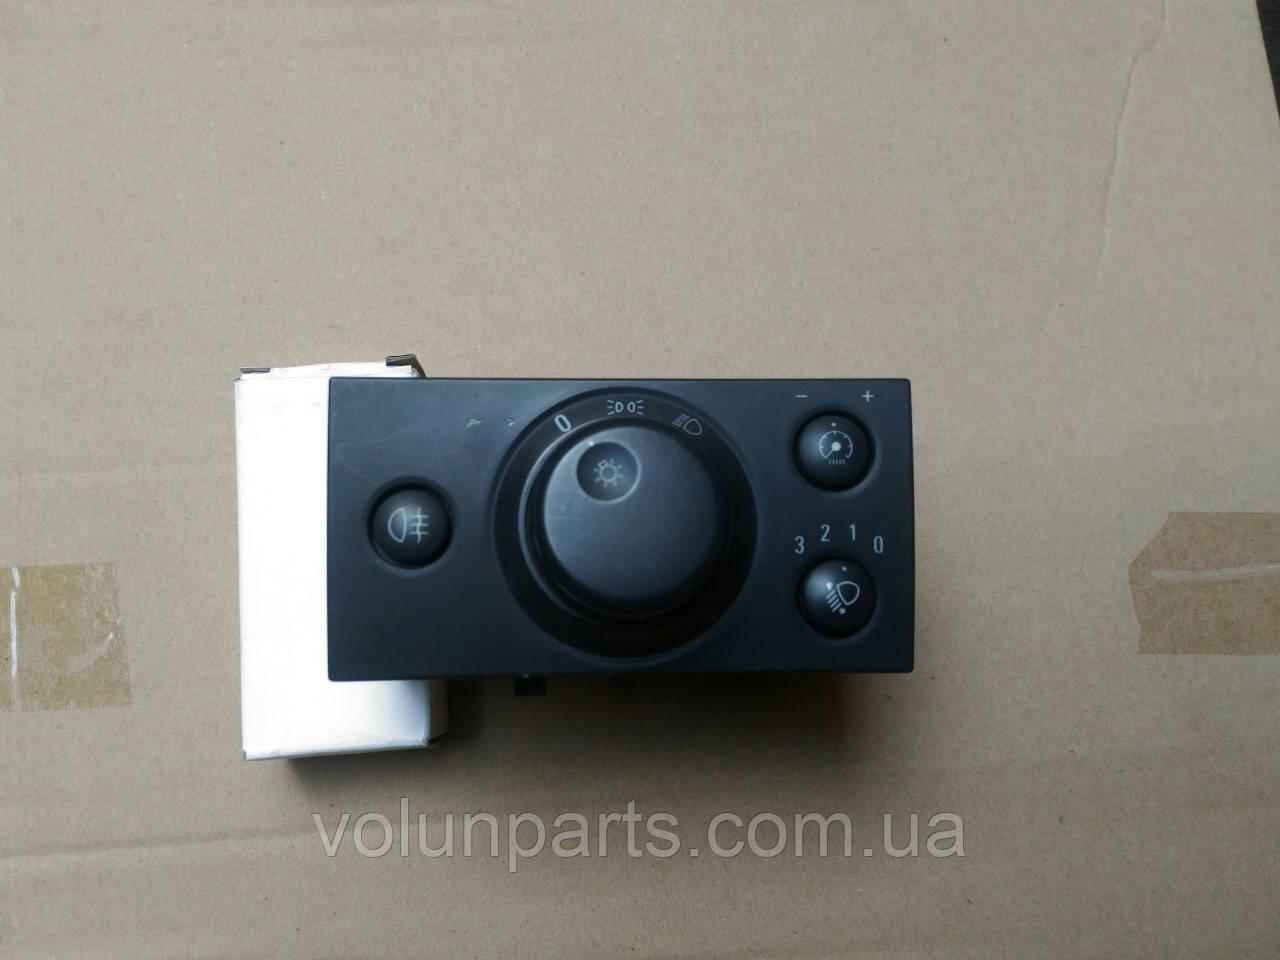 Блок управления светом Opel Vectra C 13230796DA б/у